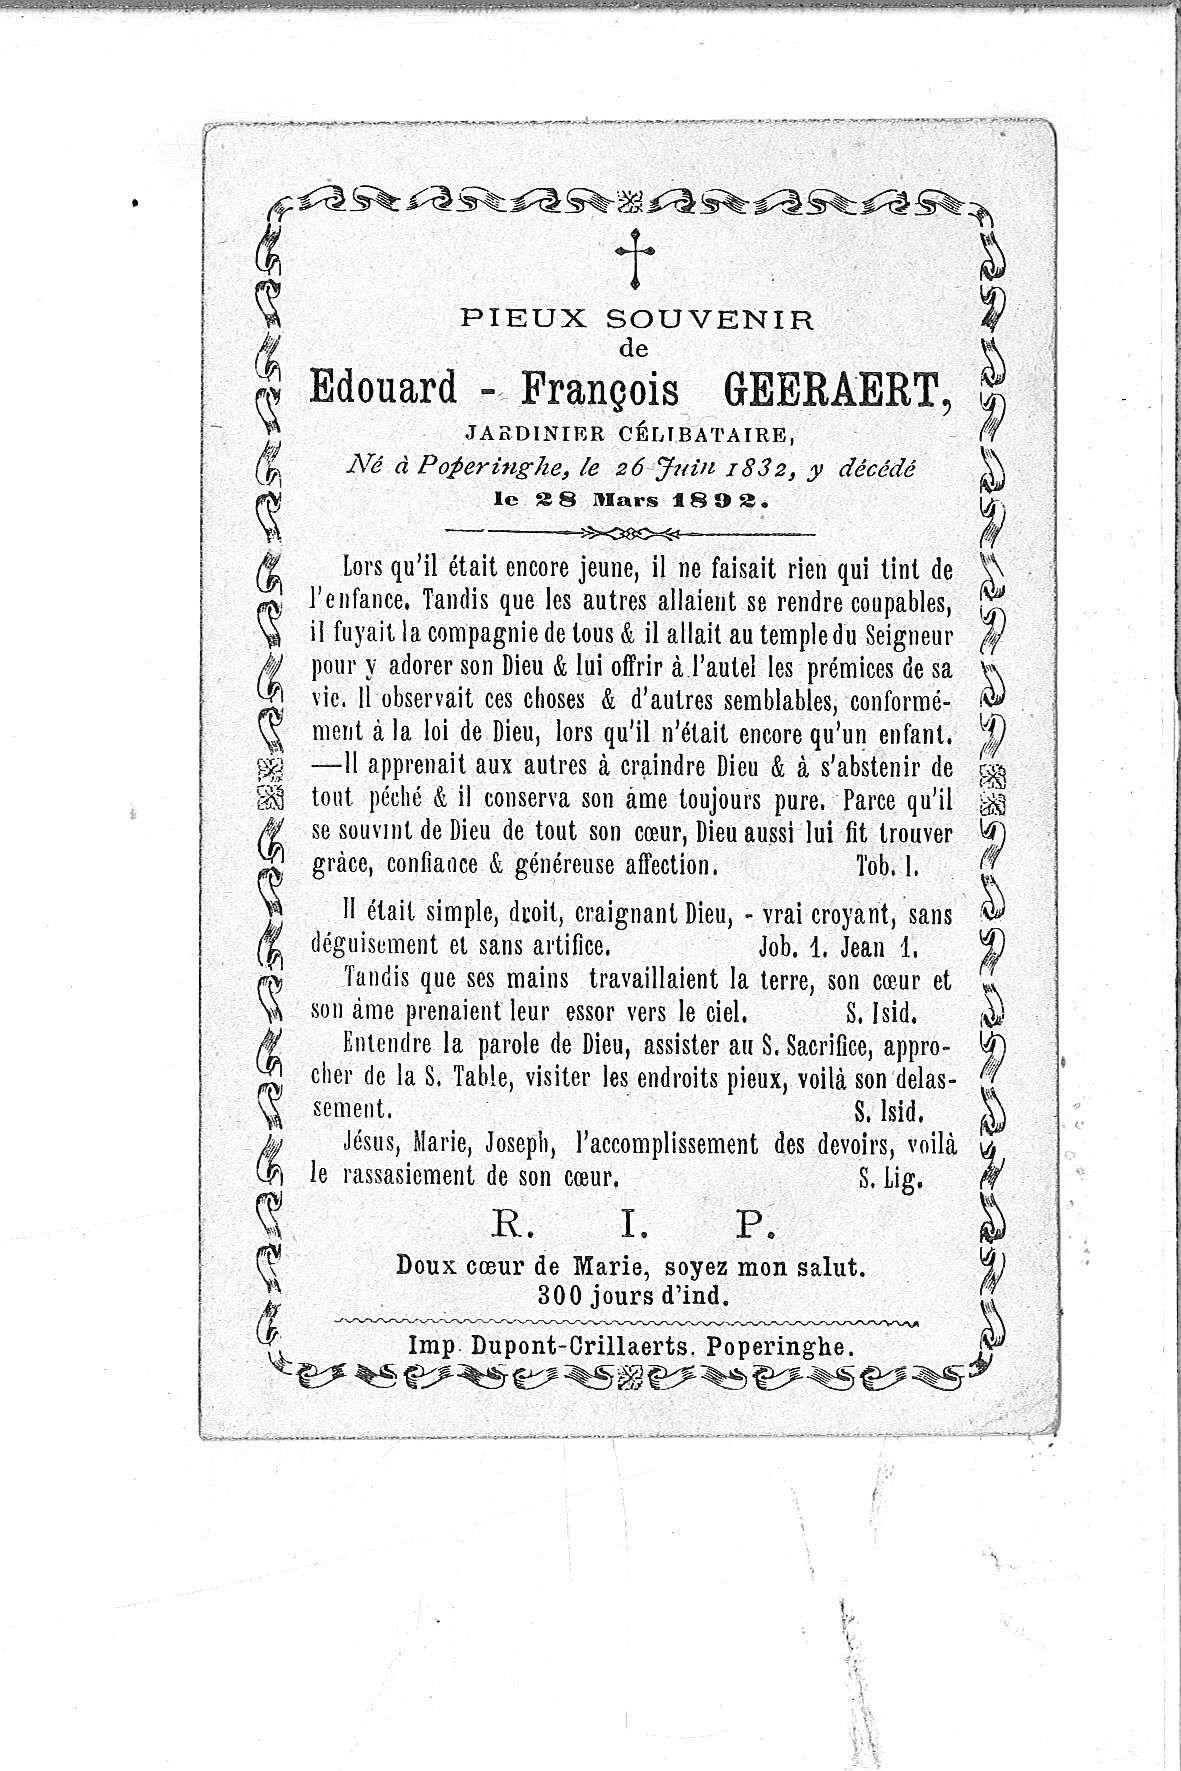 Edouard-Francois(1892)20130821155154_00005.jpg